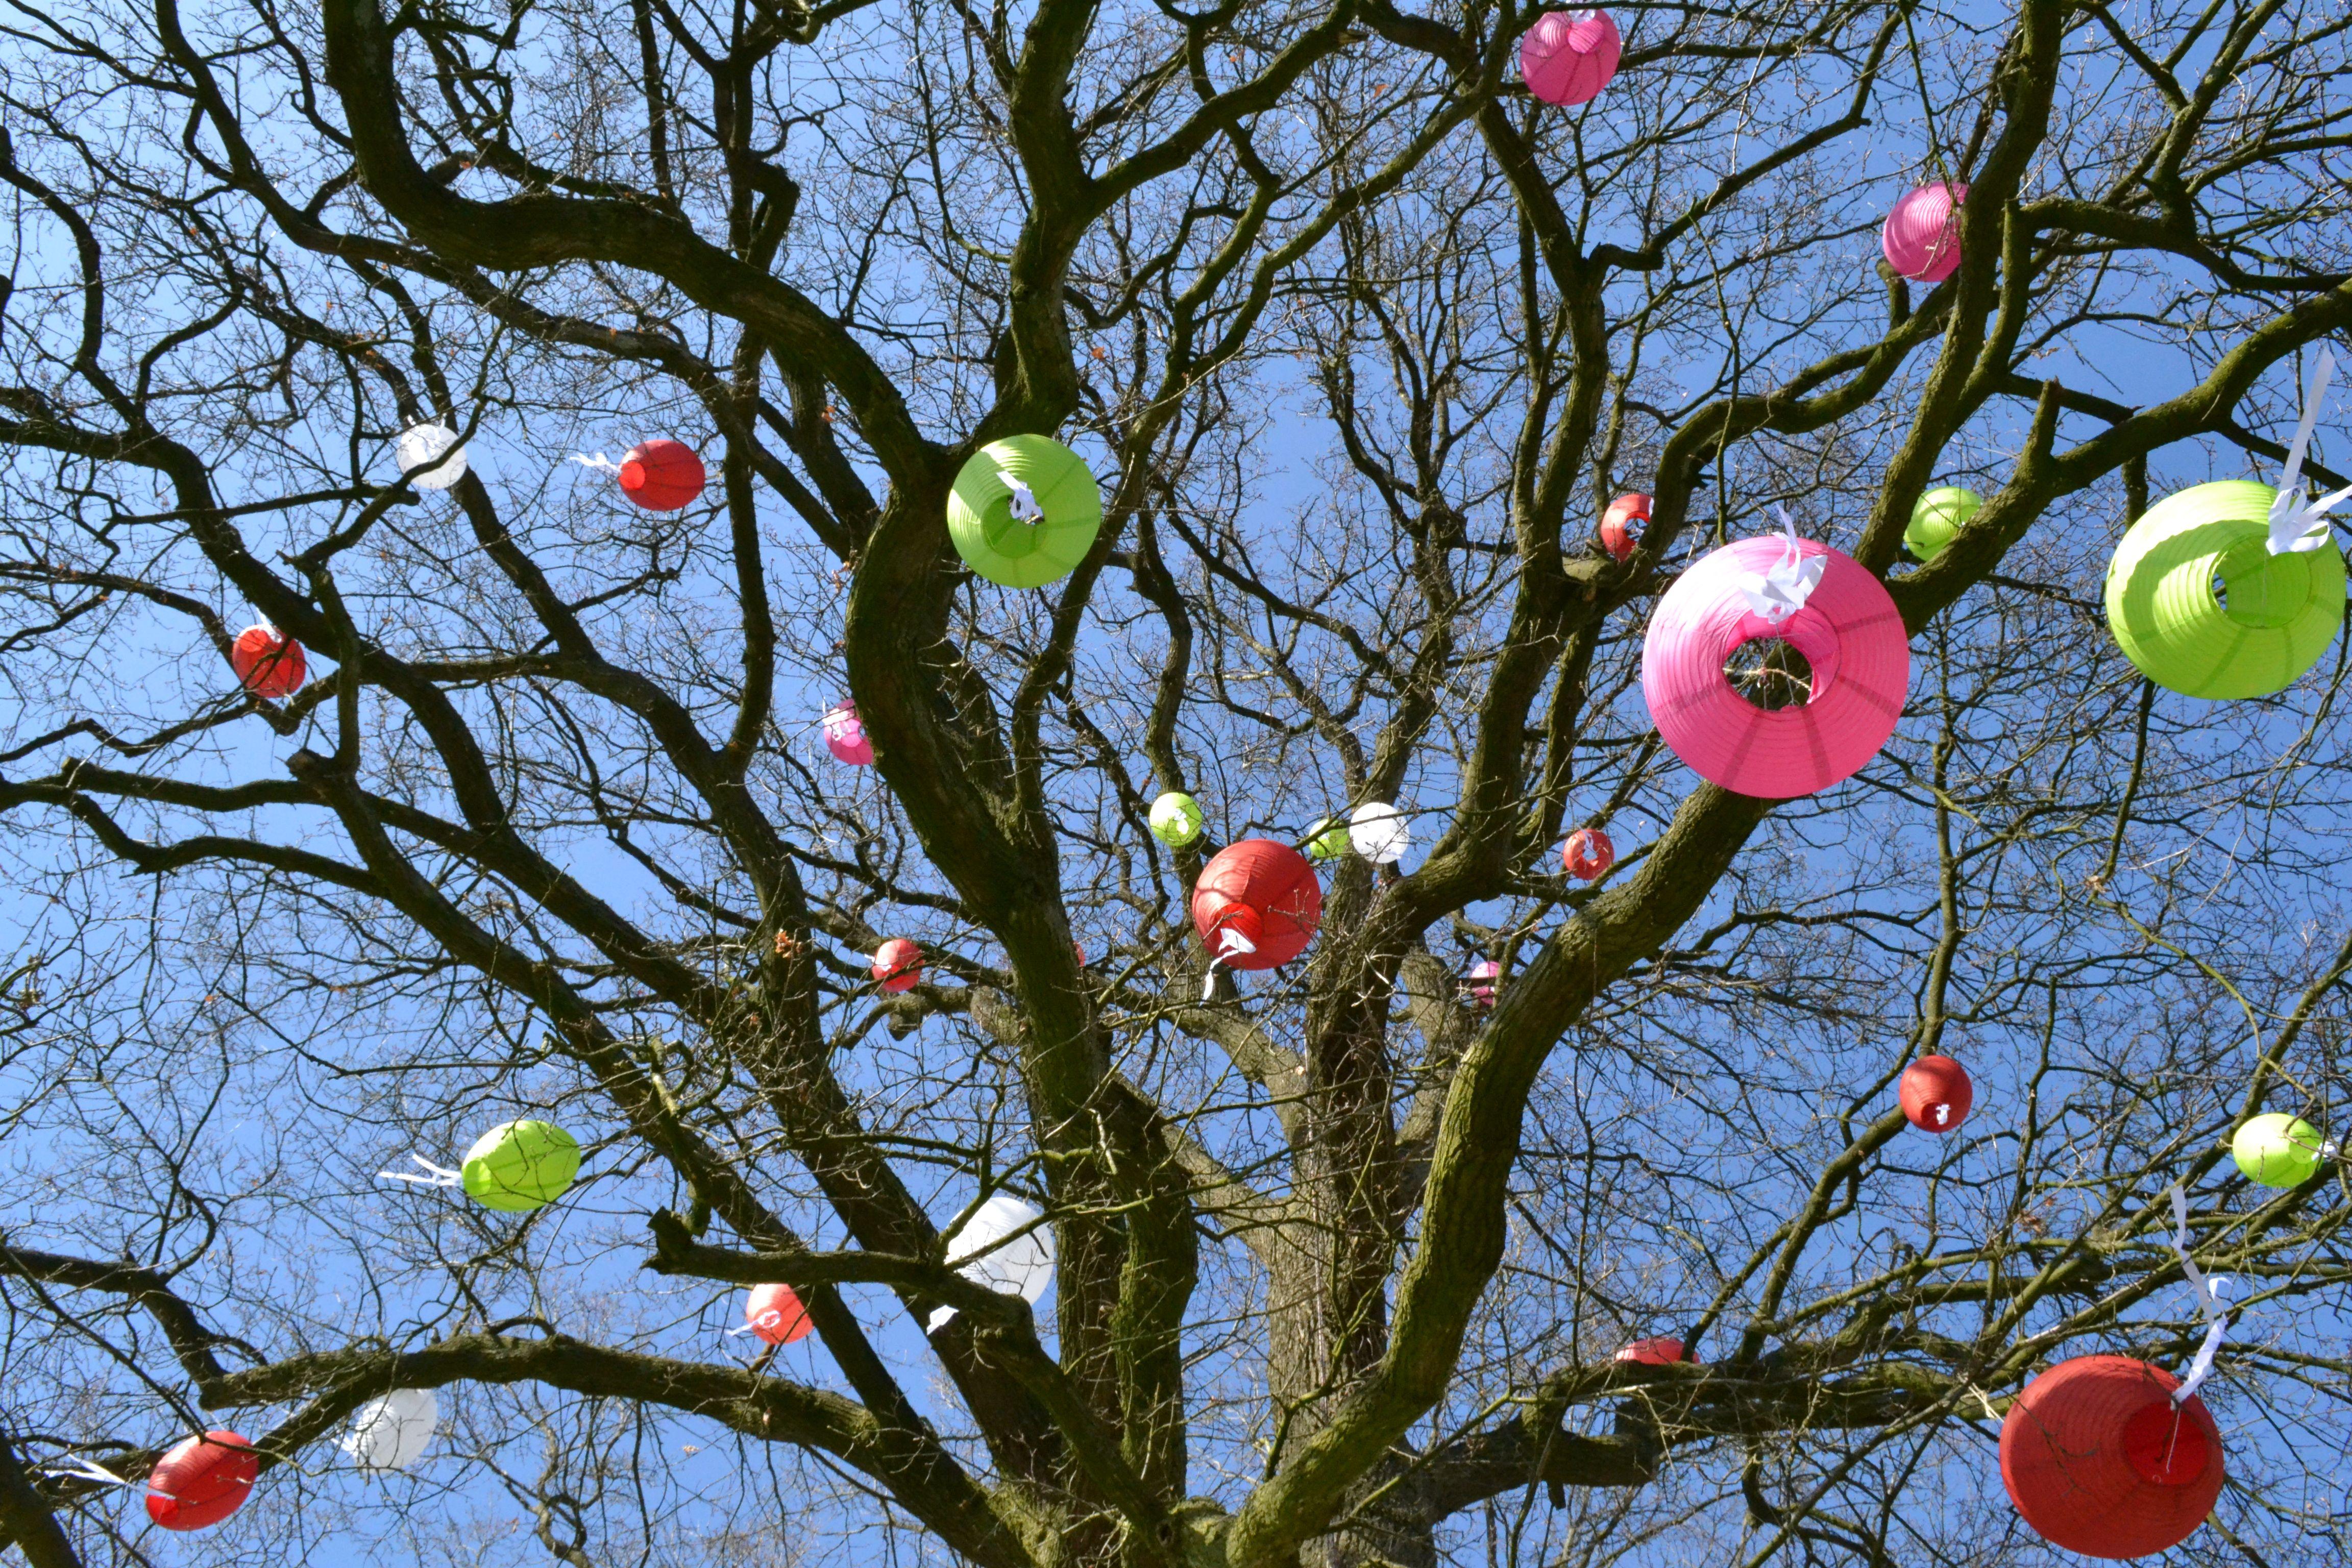 Tree Decoration Vrolijke Lampionnen Boom Decoratie Decoratie Knutselen Boom